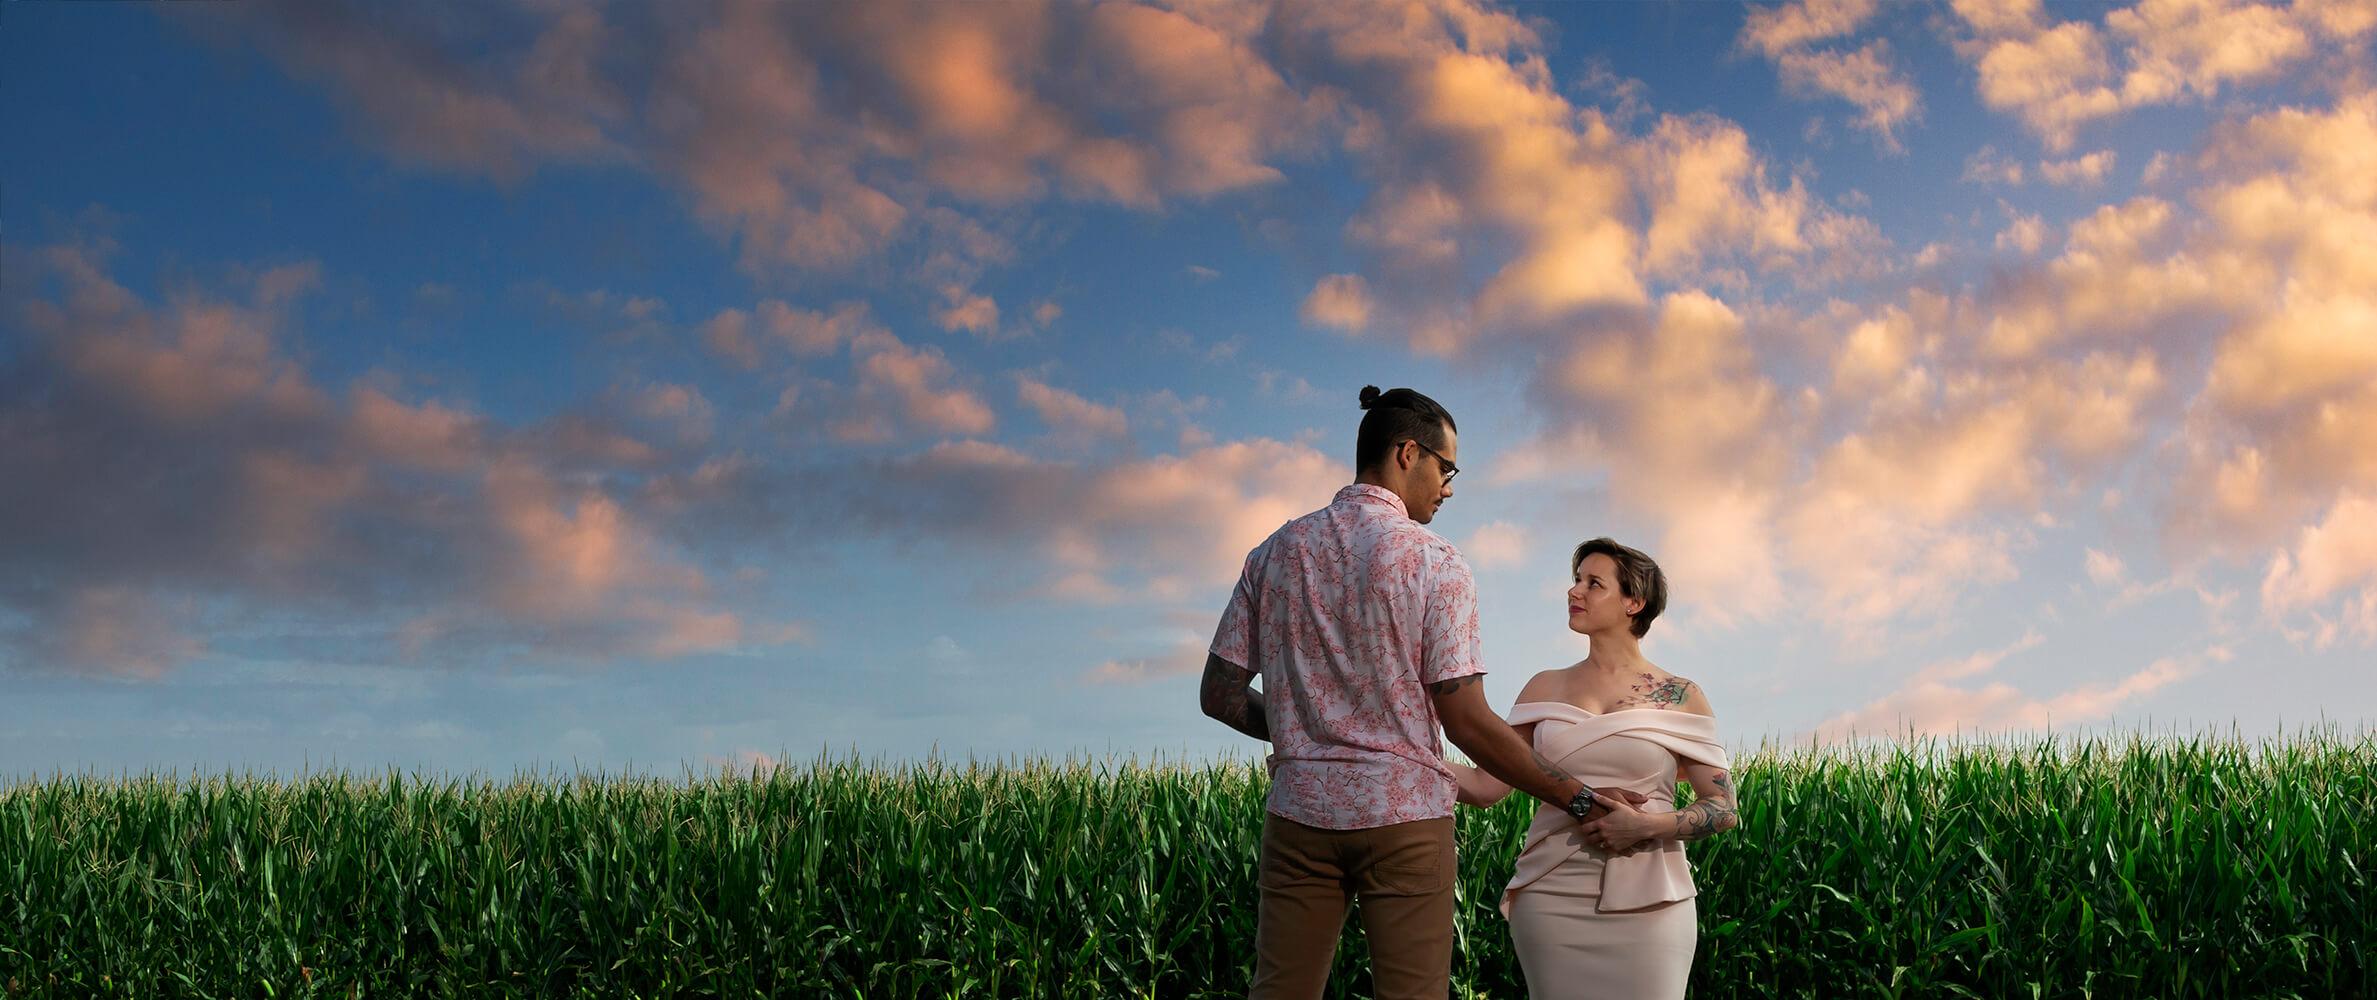 des maries dans un champs avec un grand ciel bleu diboldsheim